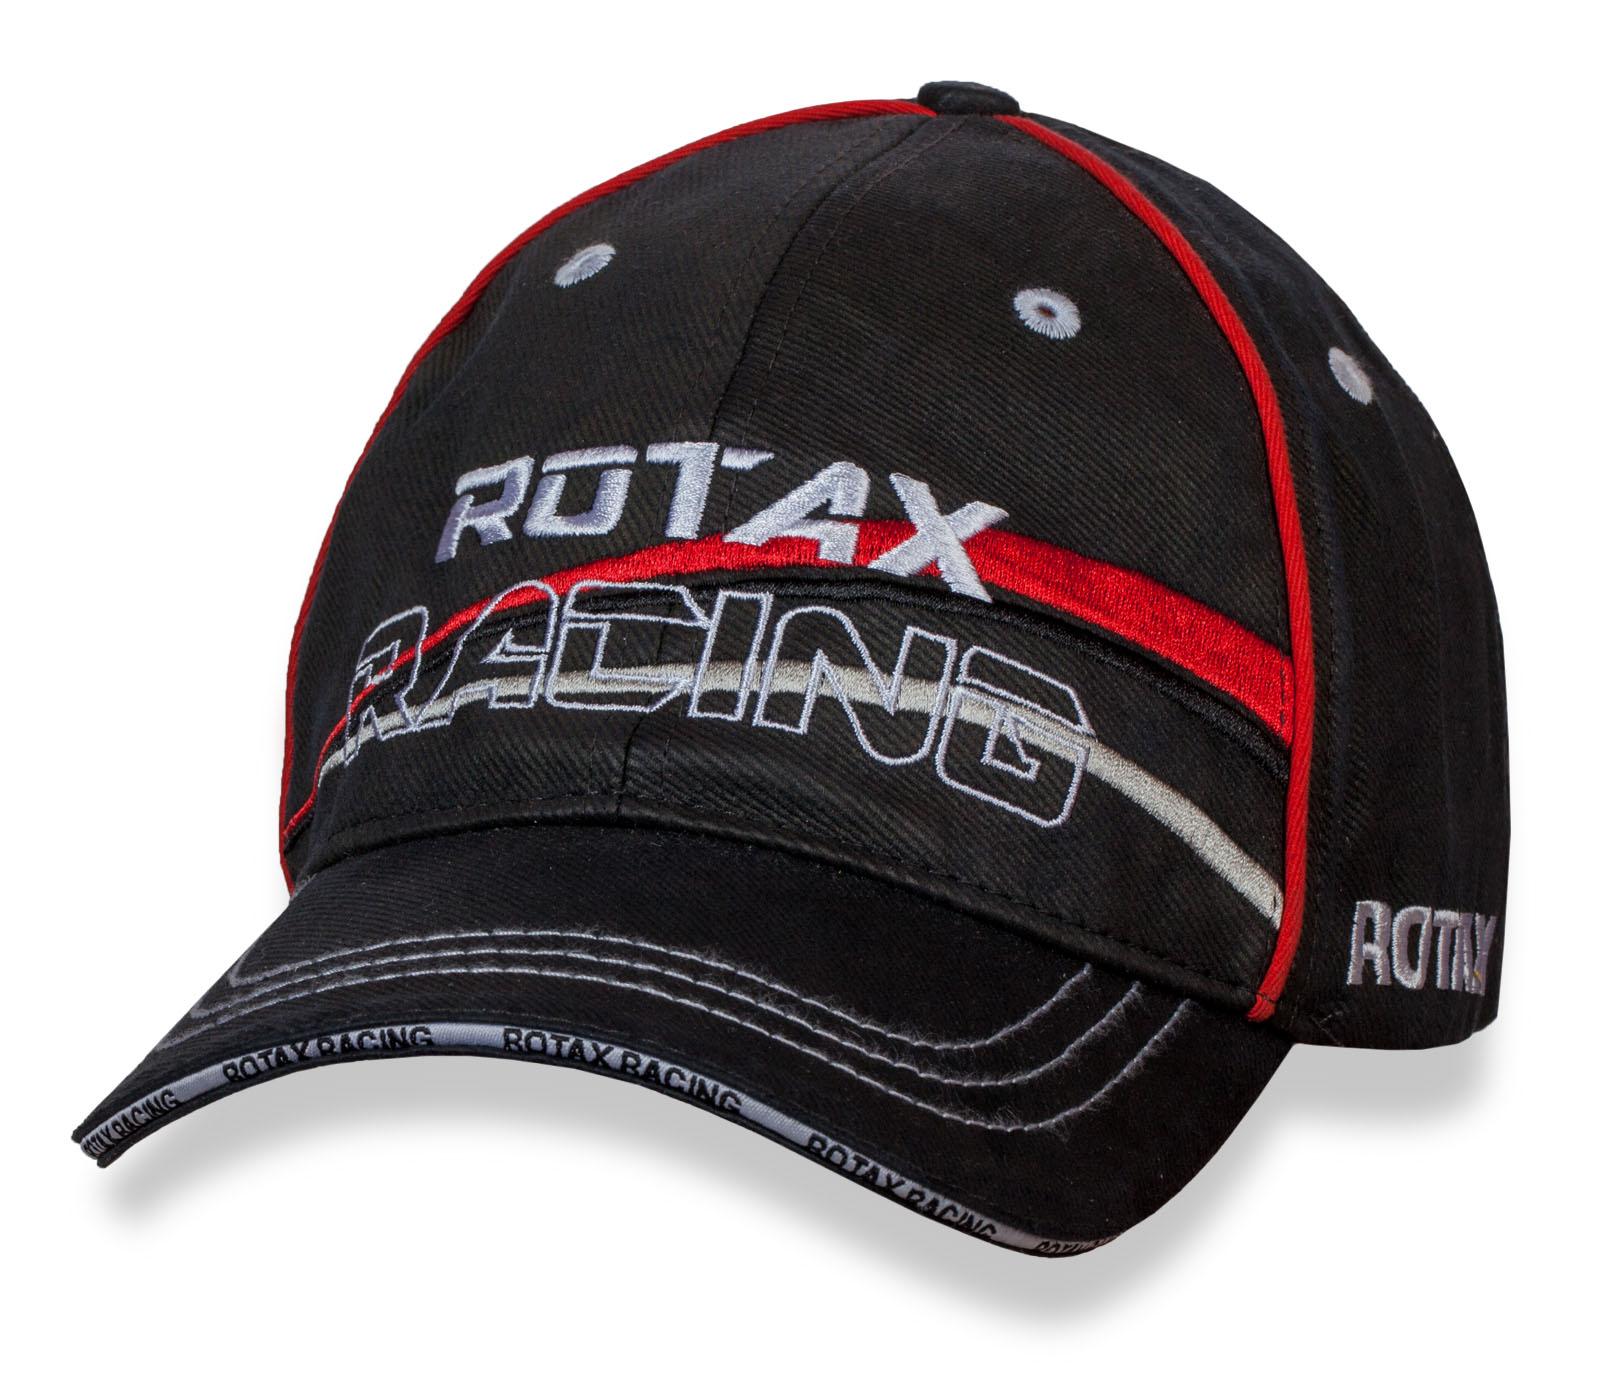 Фирменная черная бейсболка Rotax